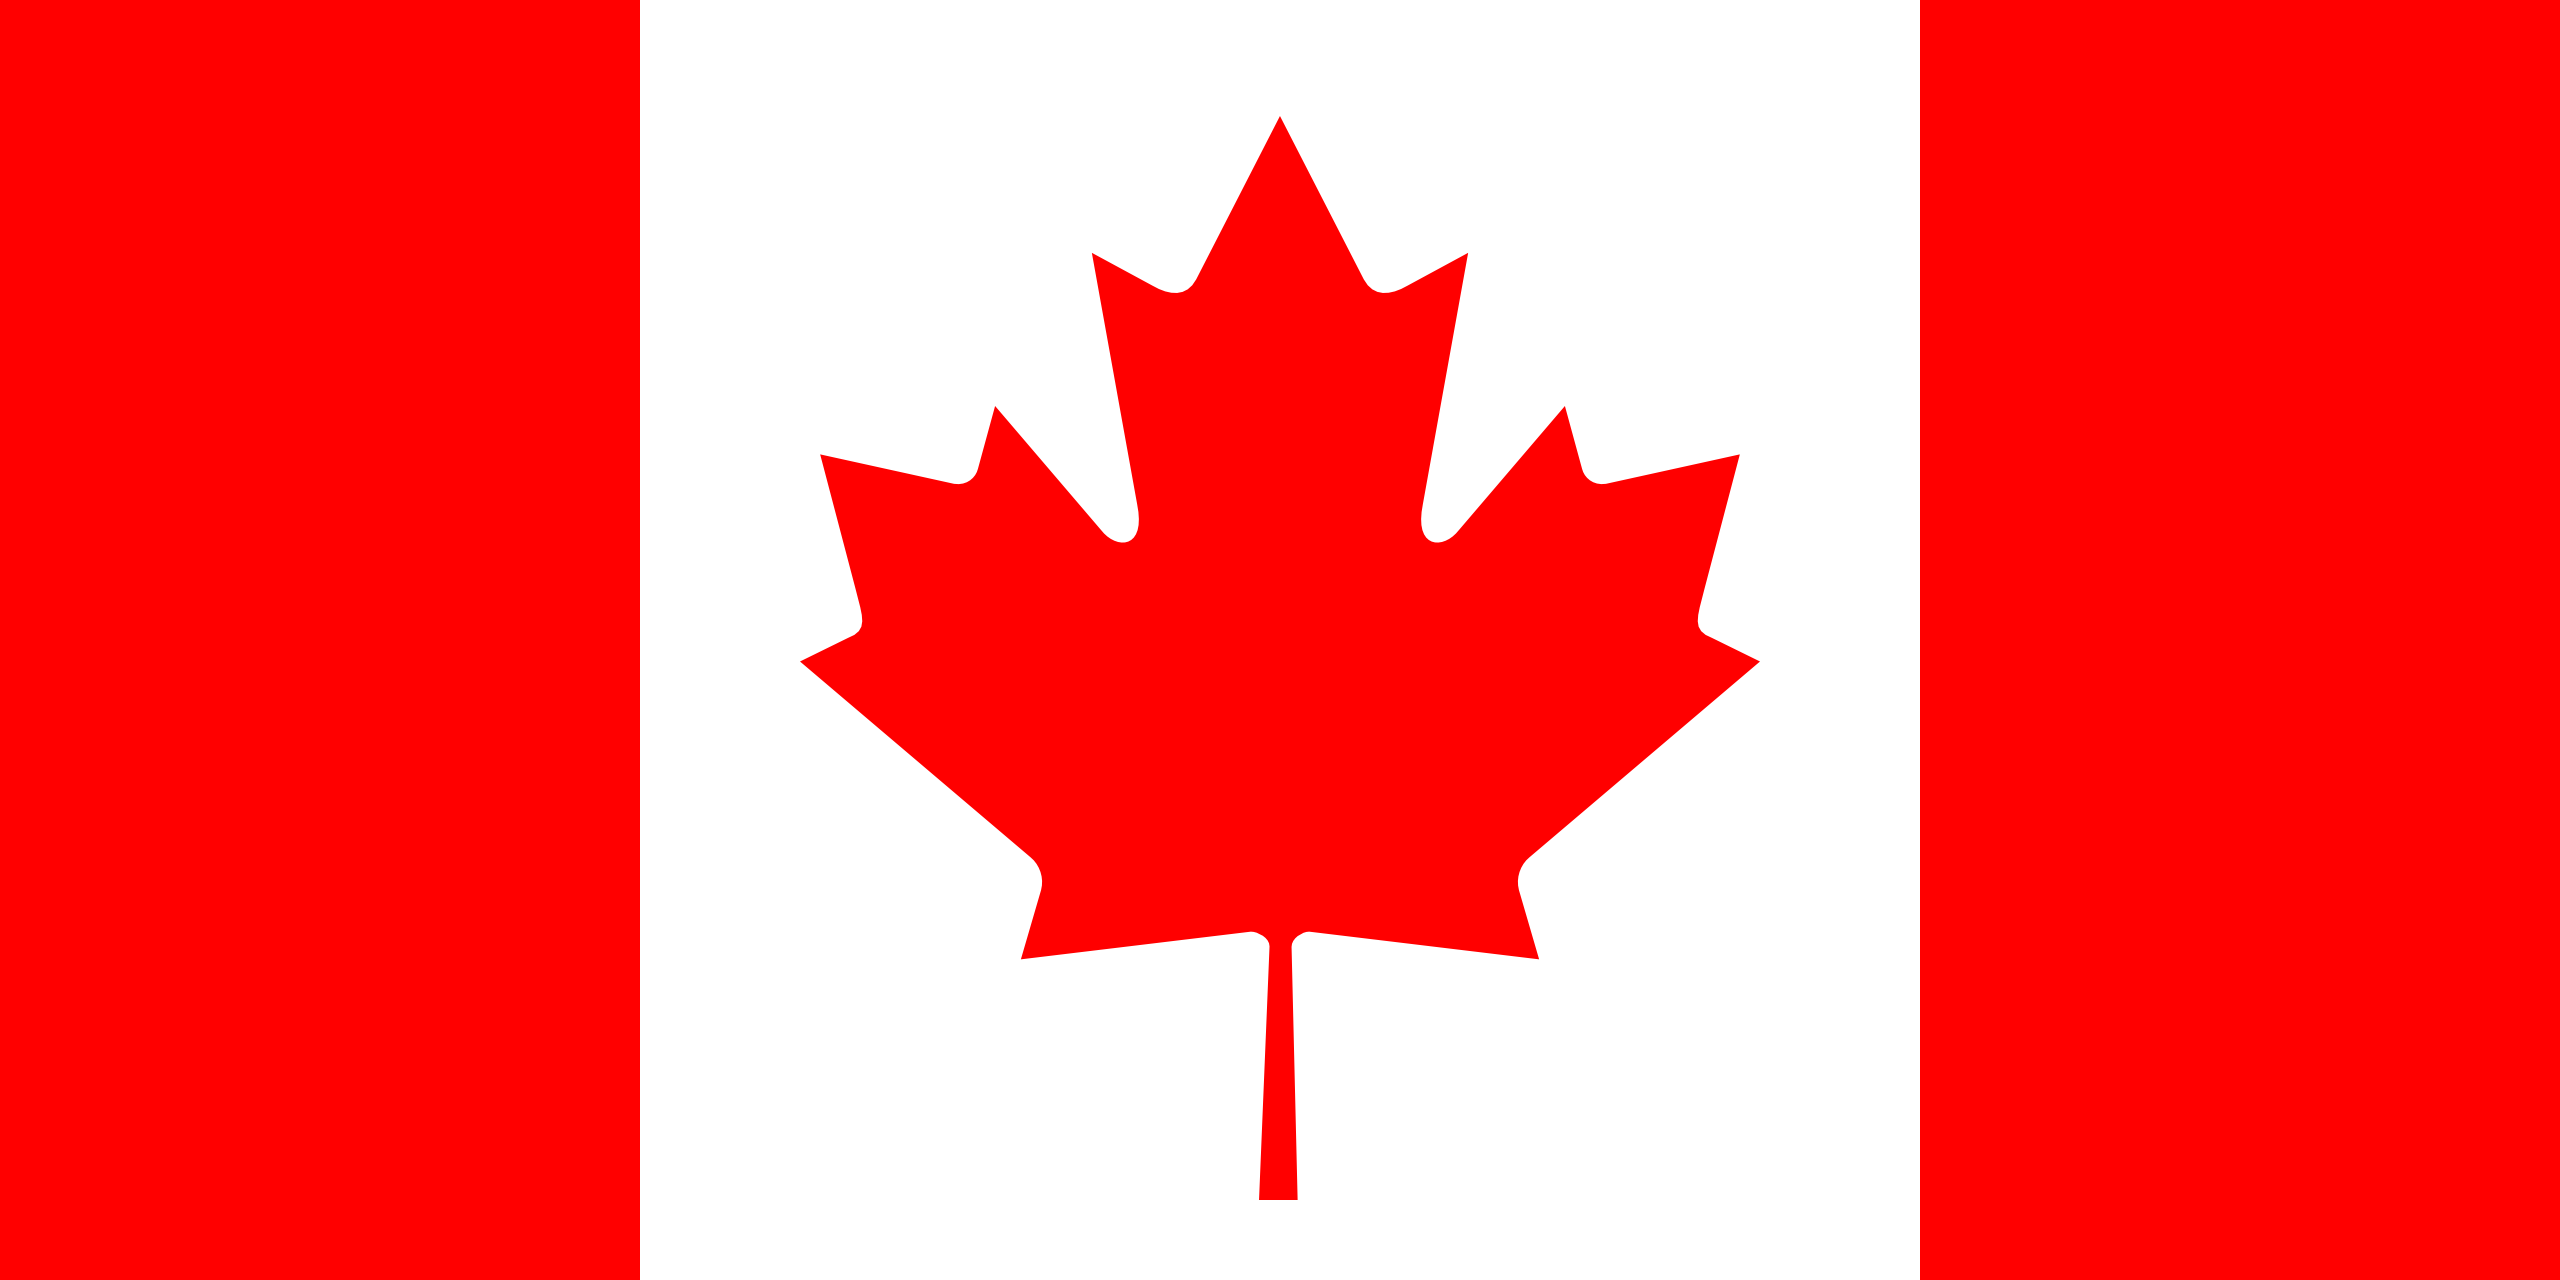 カナダ, 国, エンブレム, ロゴ, シンボル - HD の壁紙 - 教授-falken.com